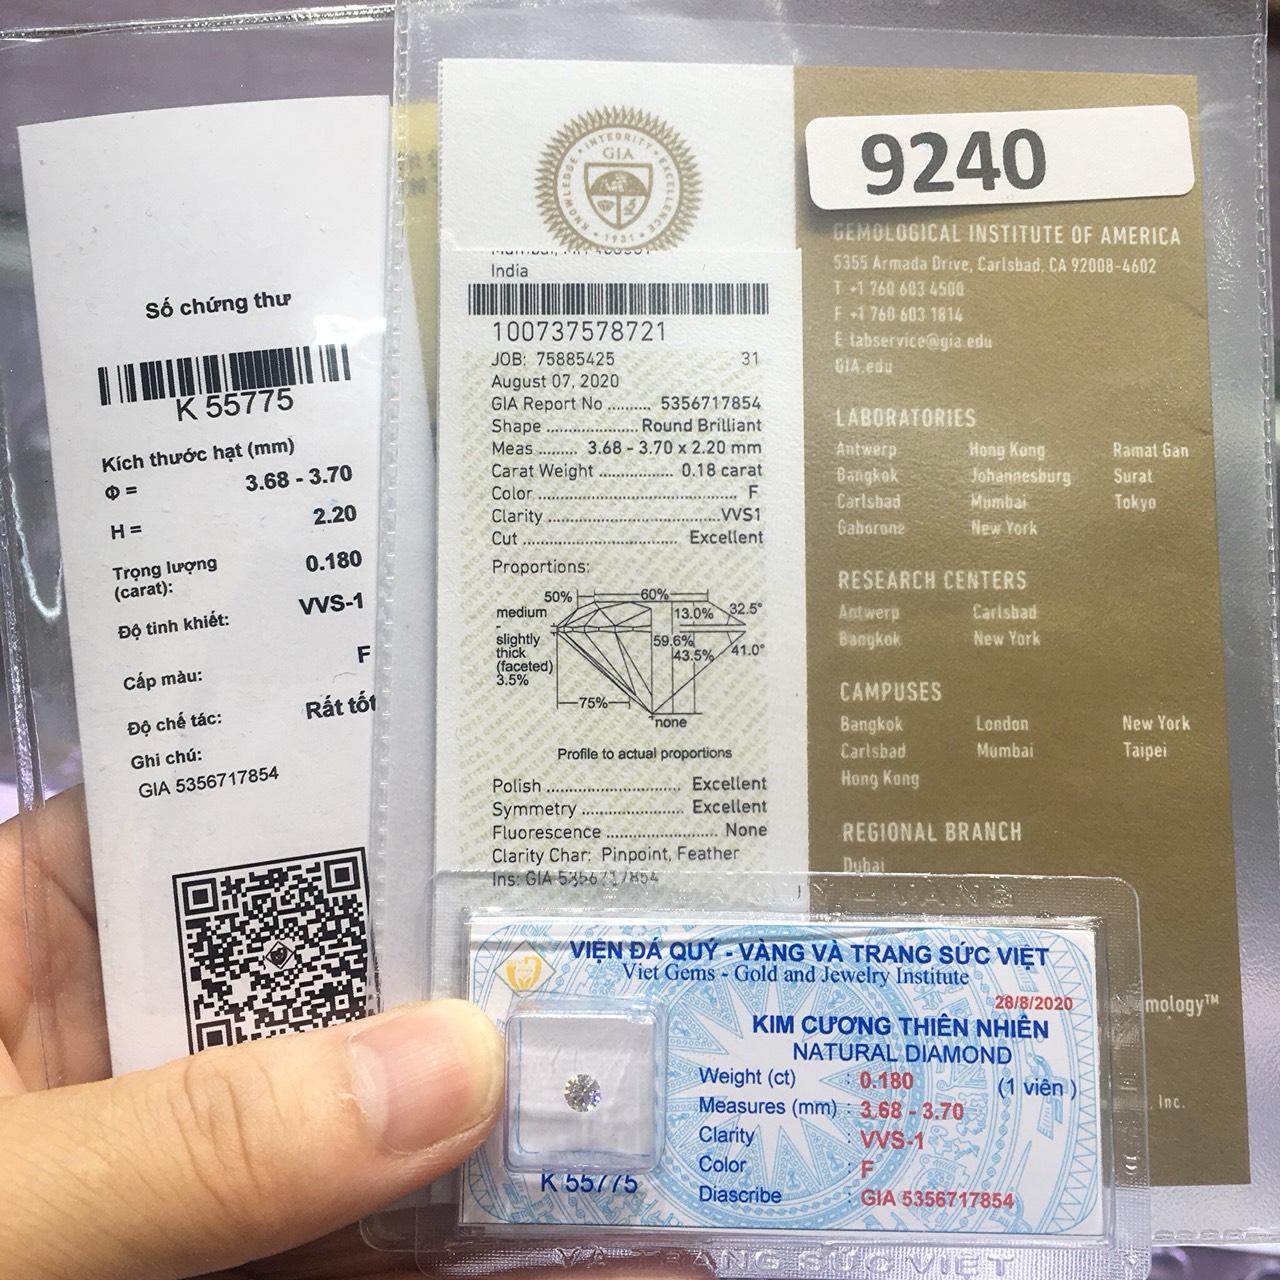 [Hết Hàng] Kim cương thiên nhiên 3.6mm F VVS1 3EX NONE kiểm định quốc tế GIA mã số cạnh 5356717854- LUCYJEWELRY